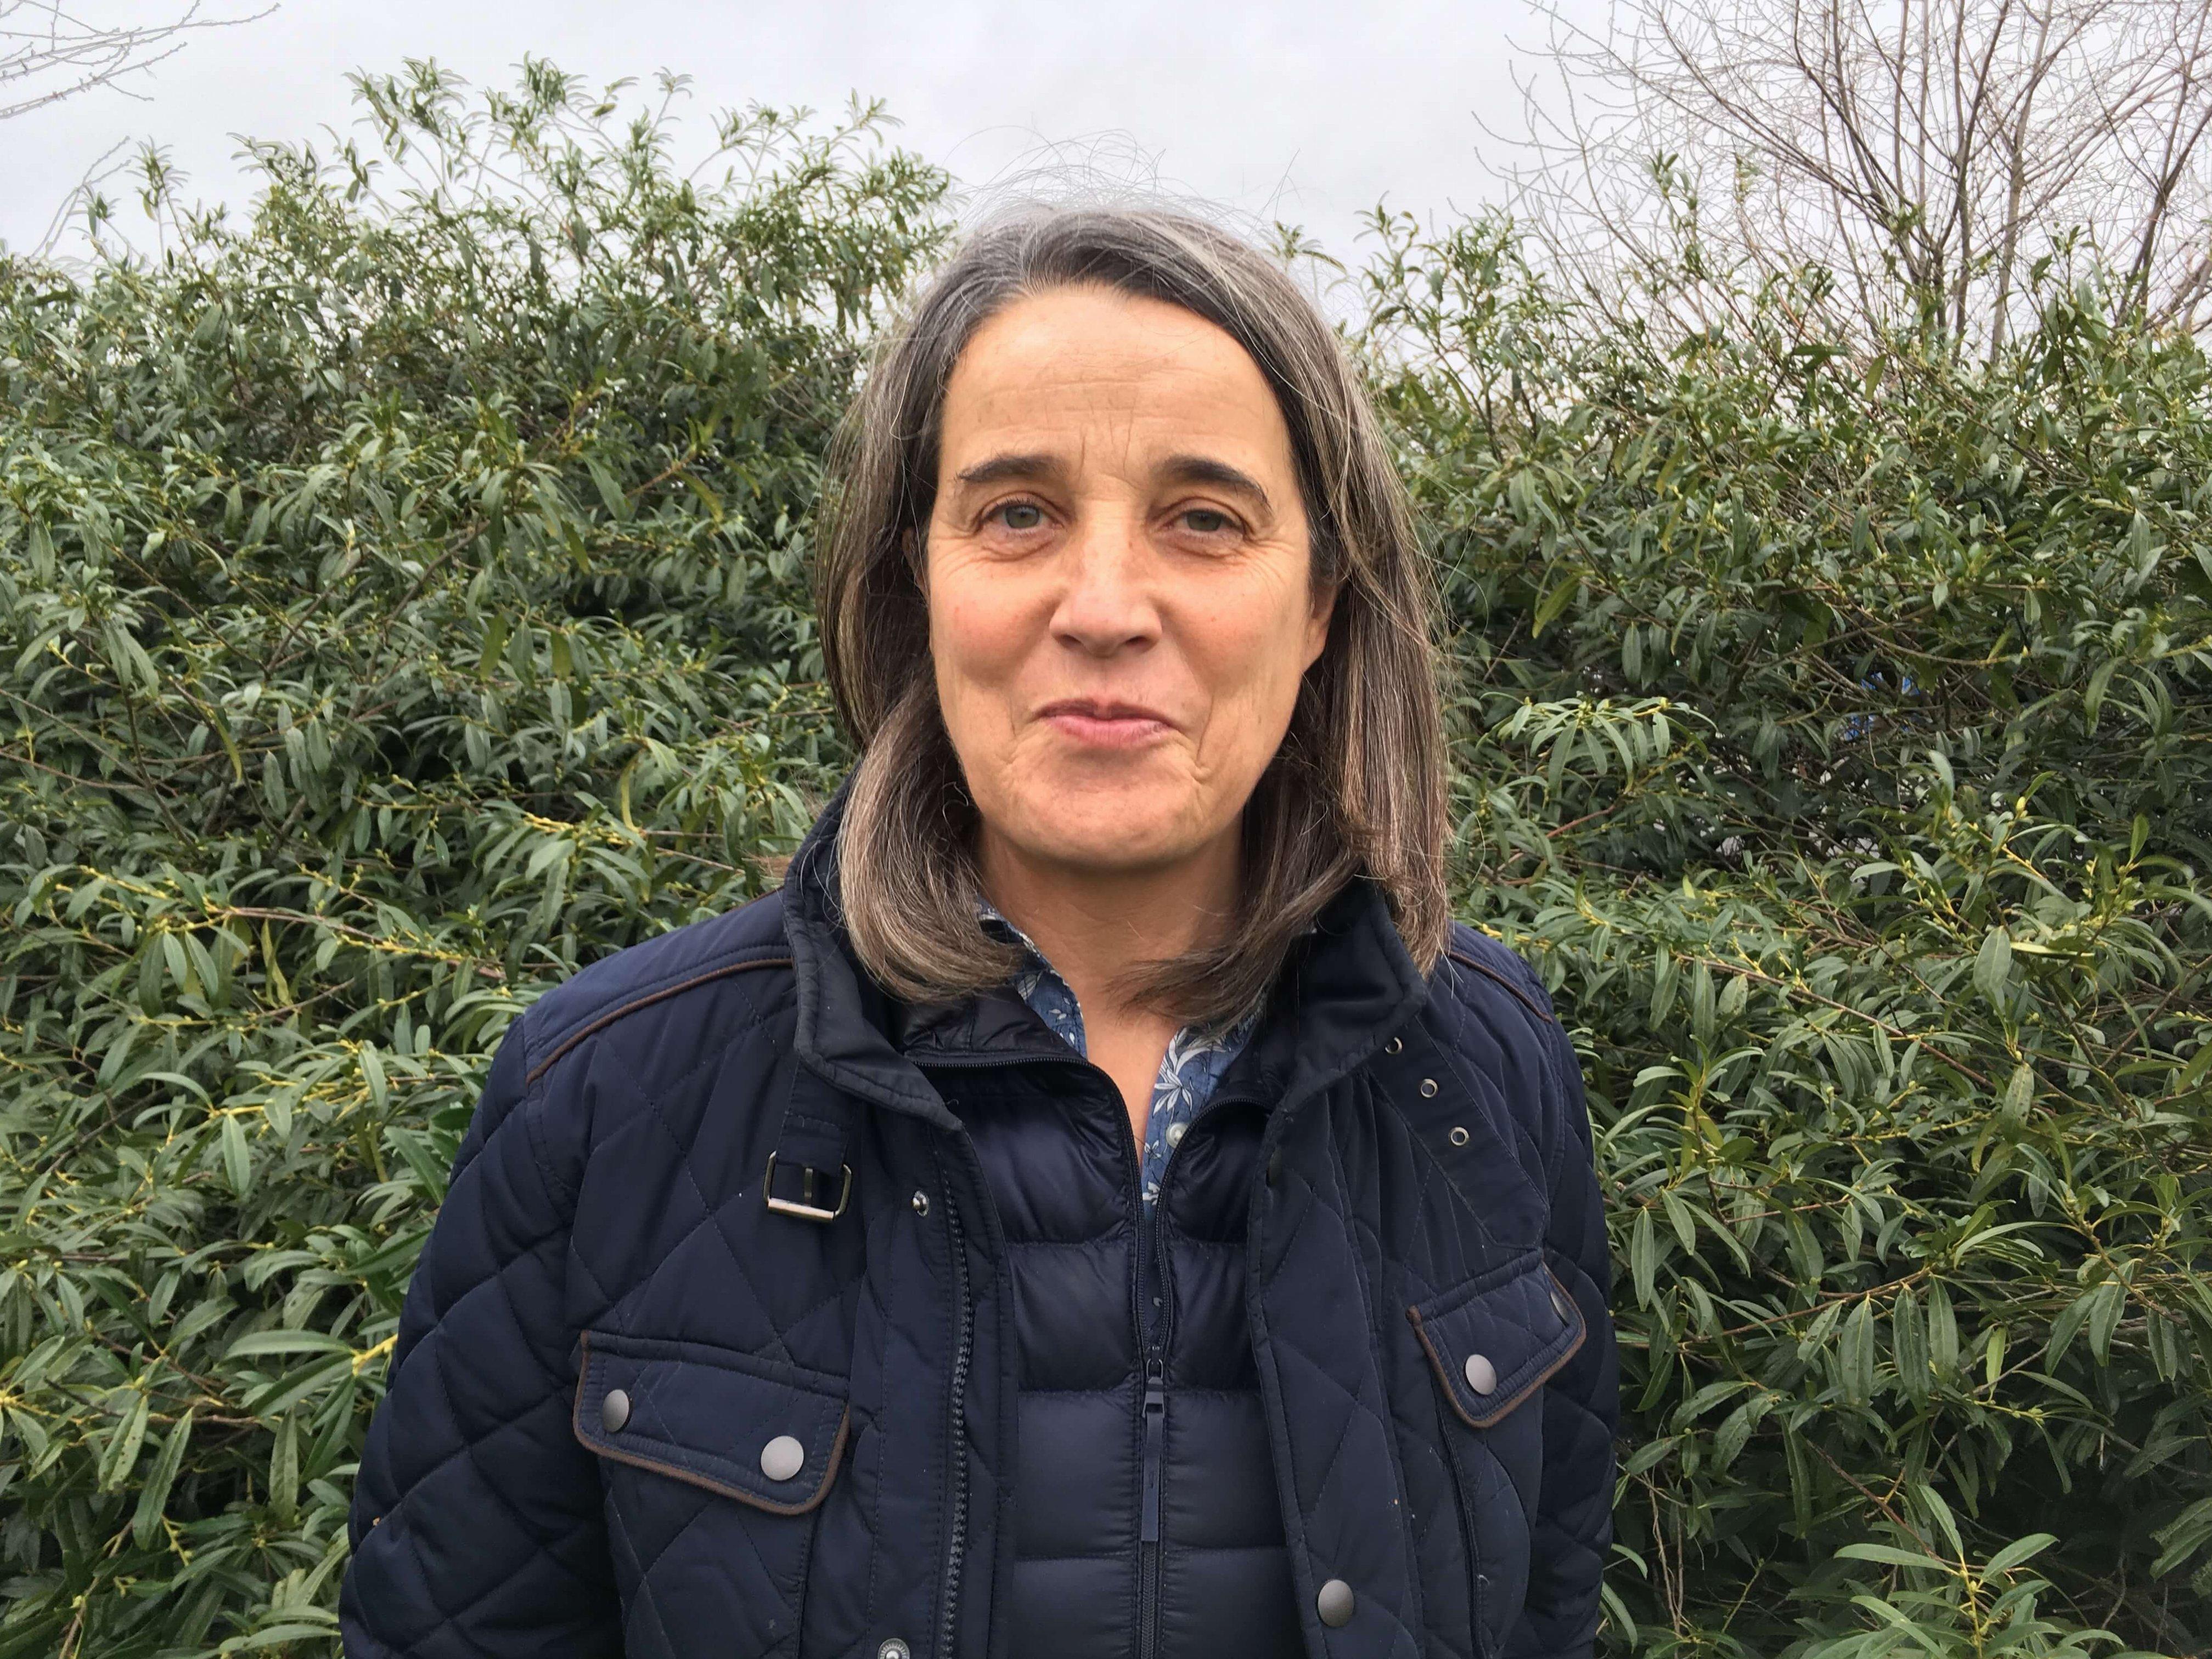 Geneviève de Brach